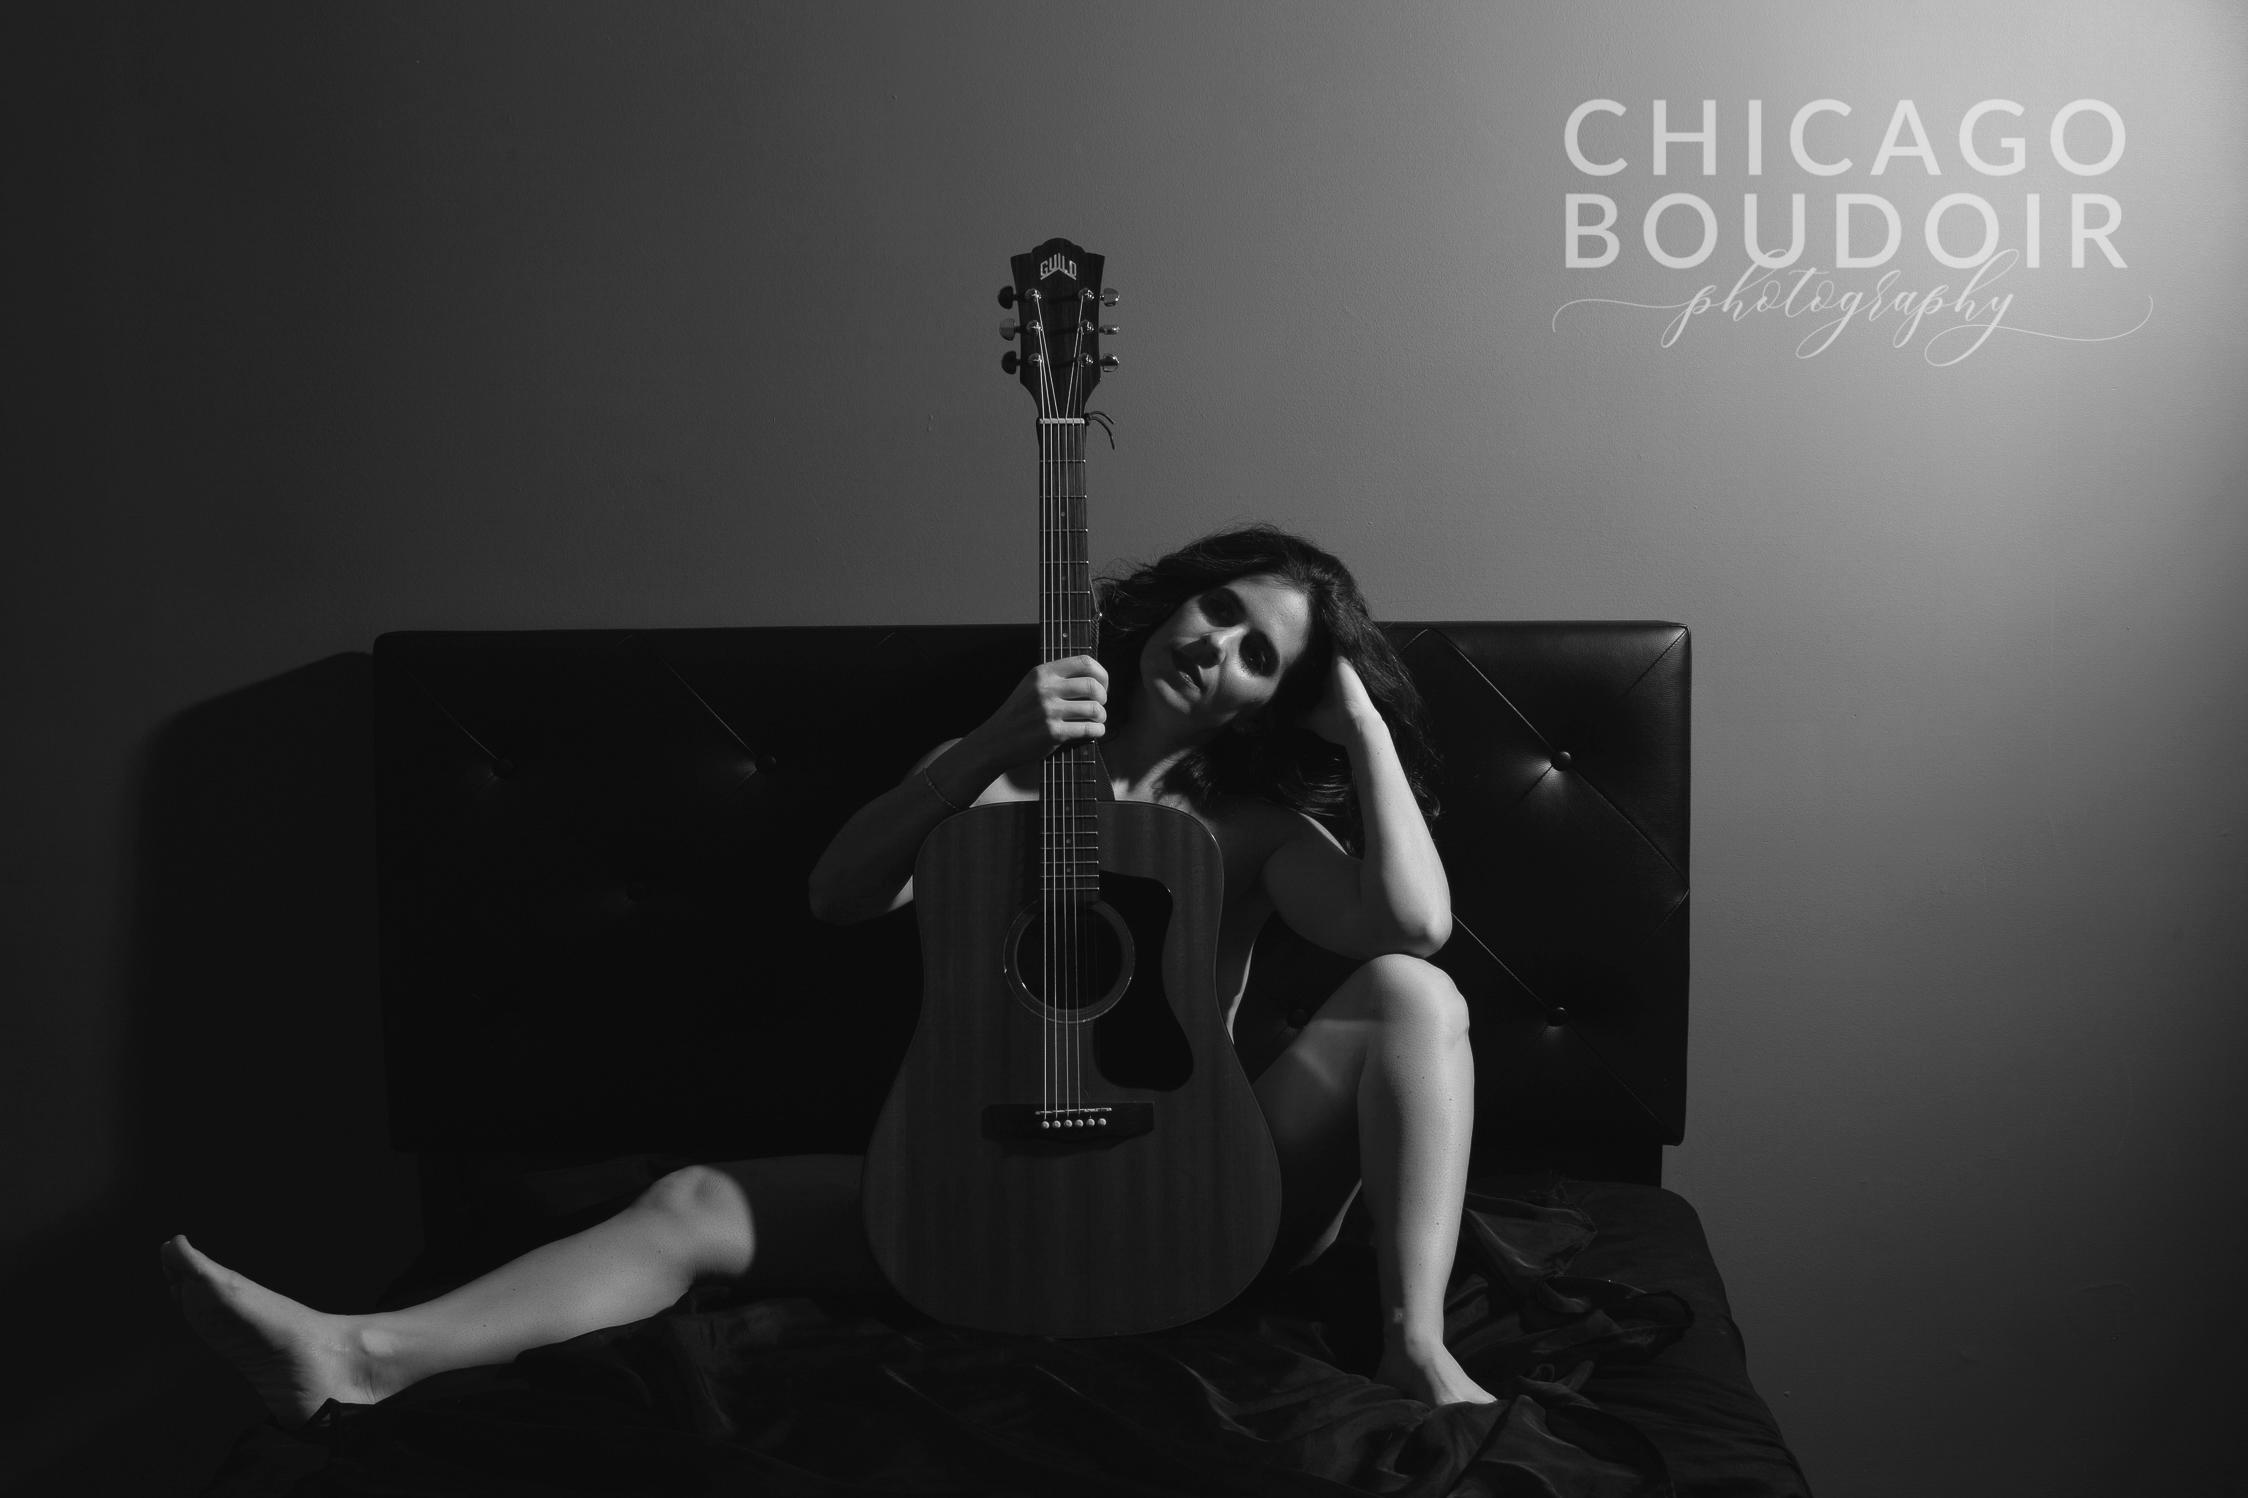 guitar boudoir shoot chicago boudoir photography